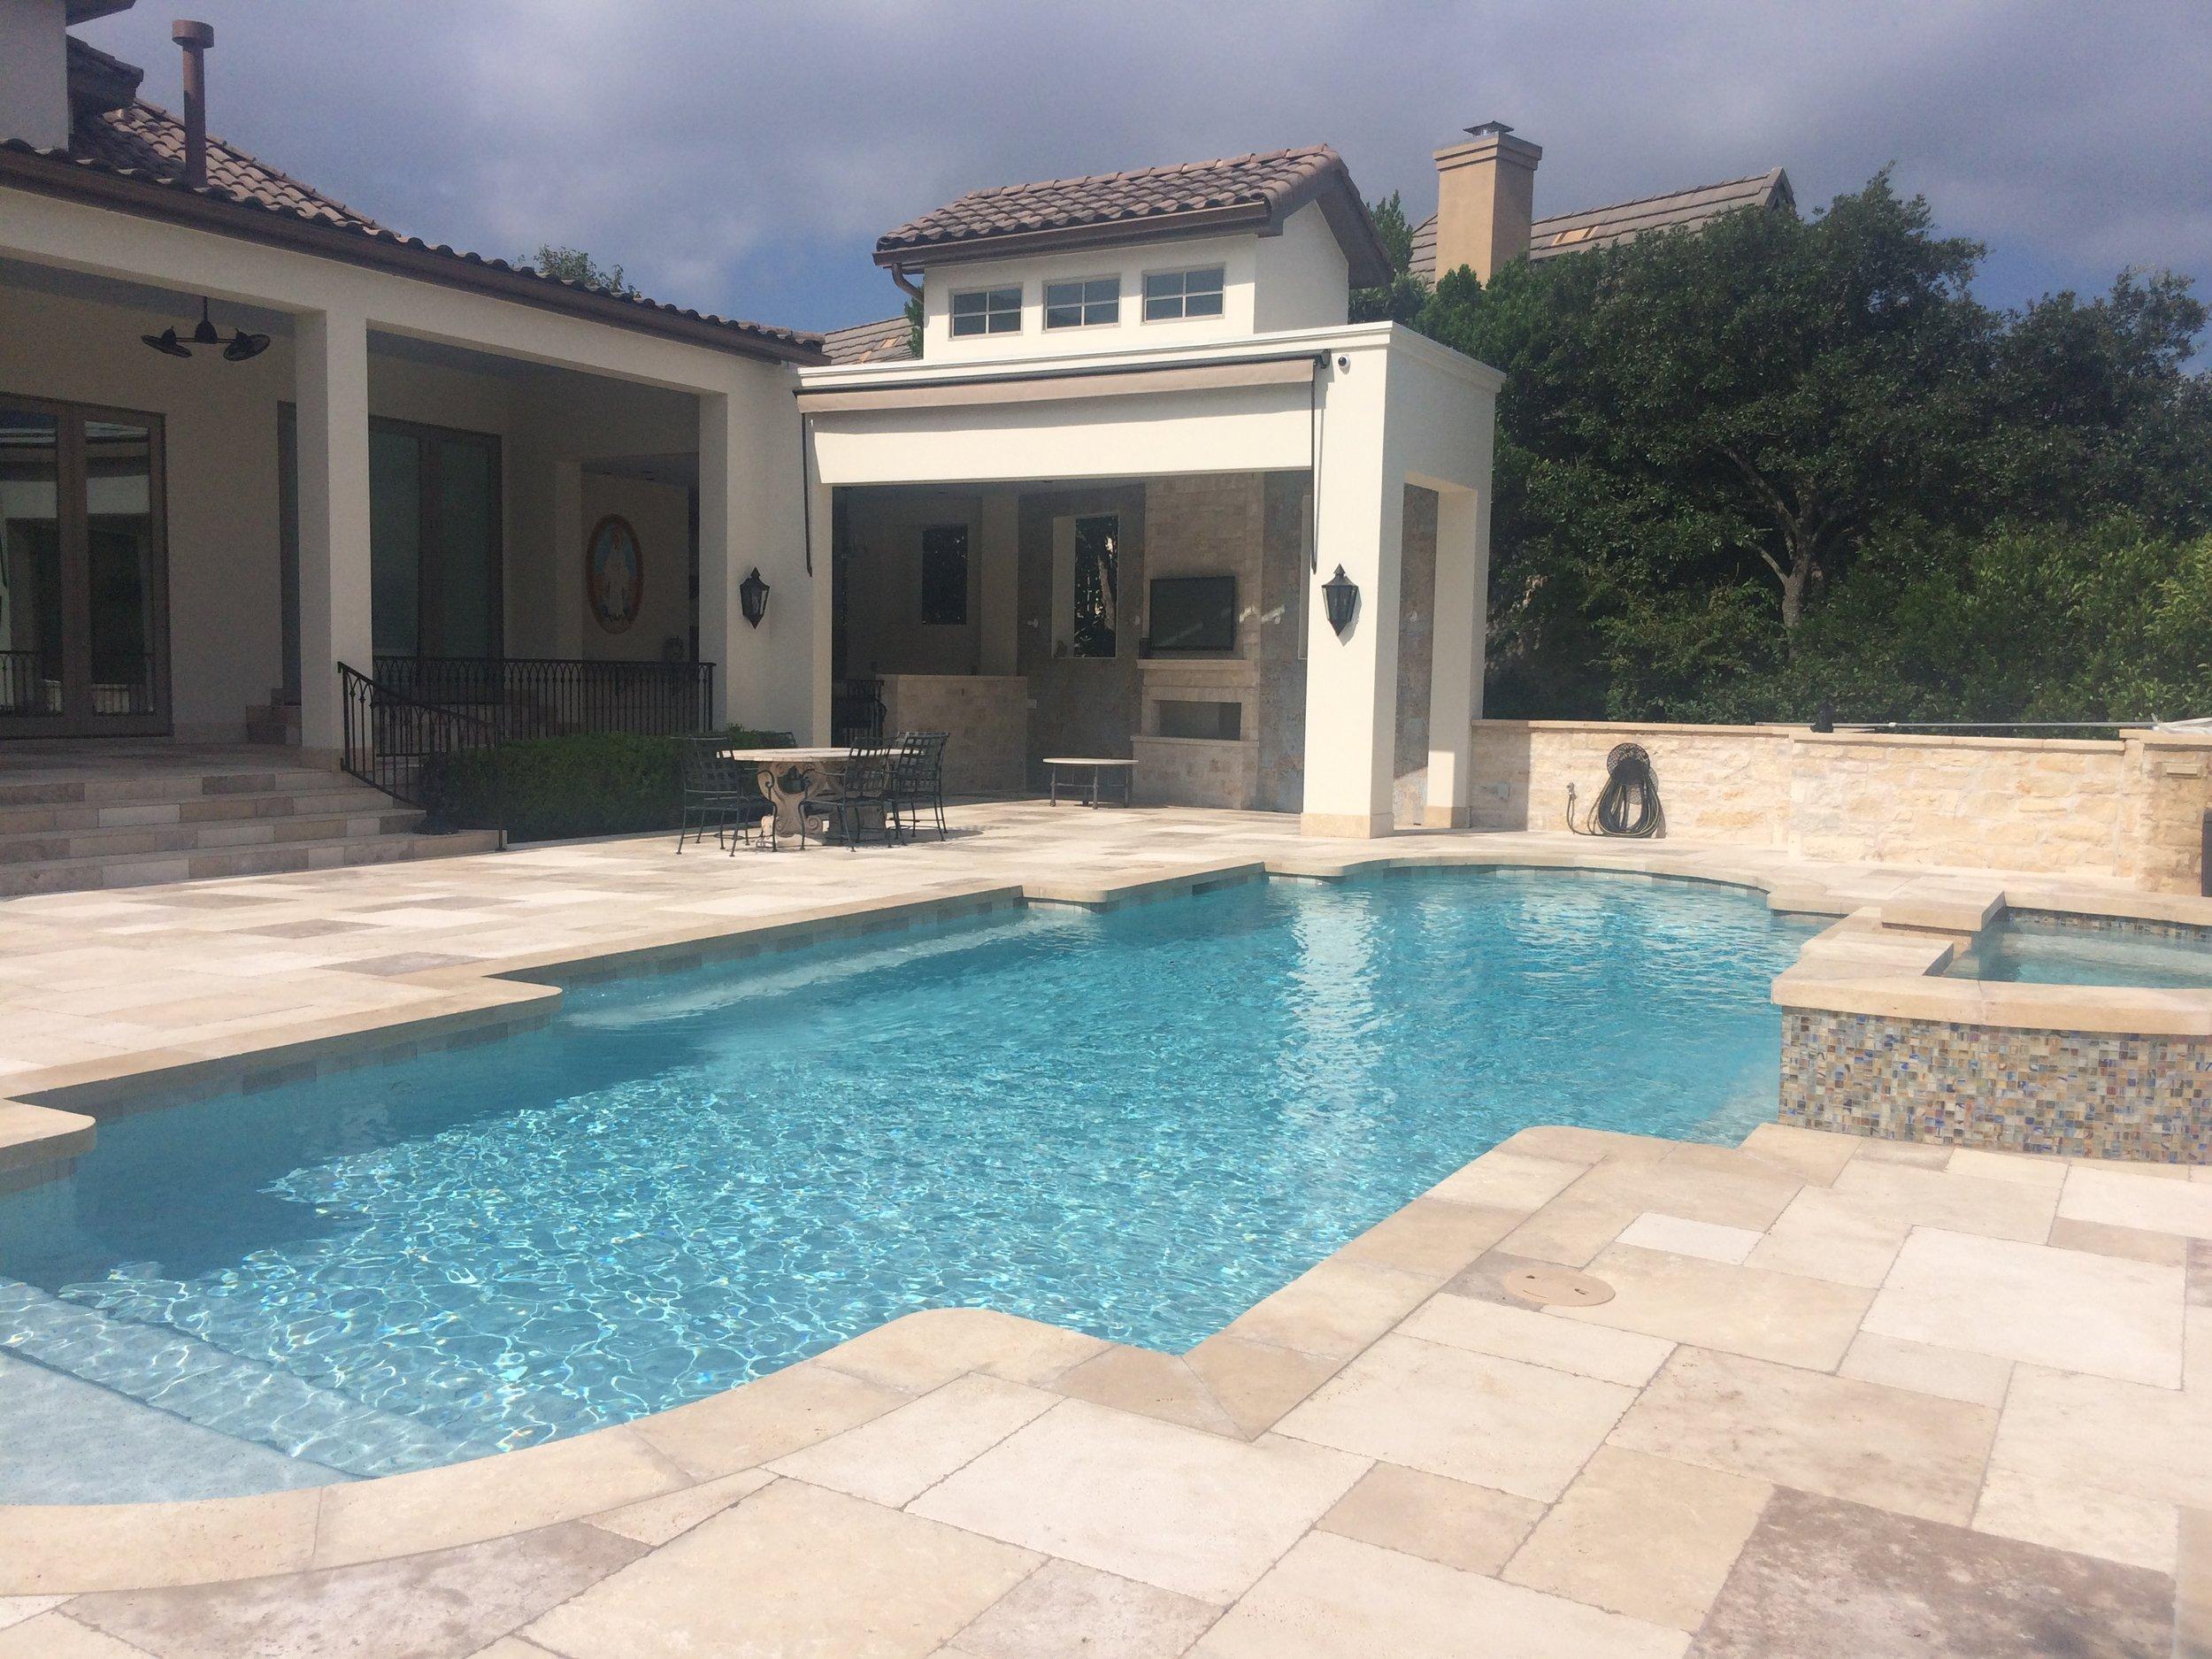 pool_outdoor_living.JPG